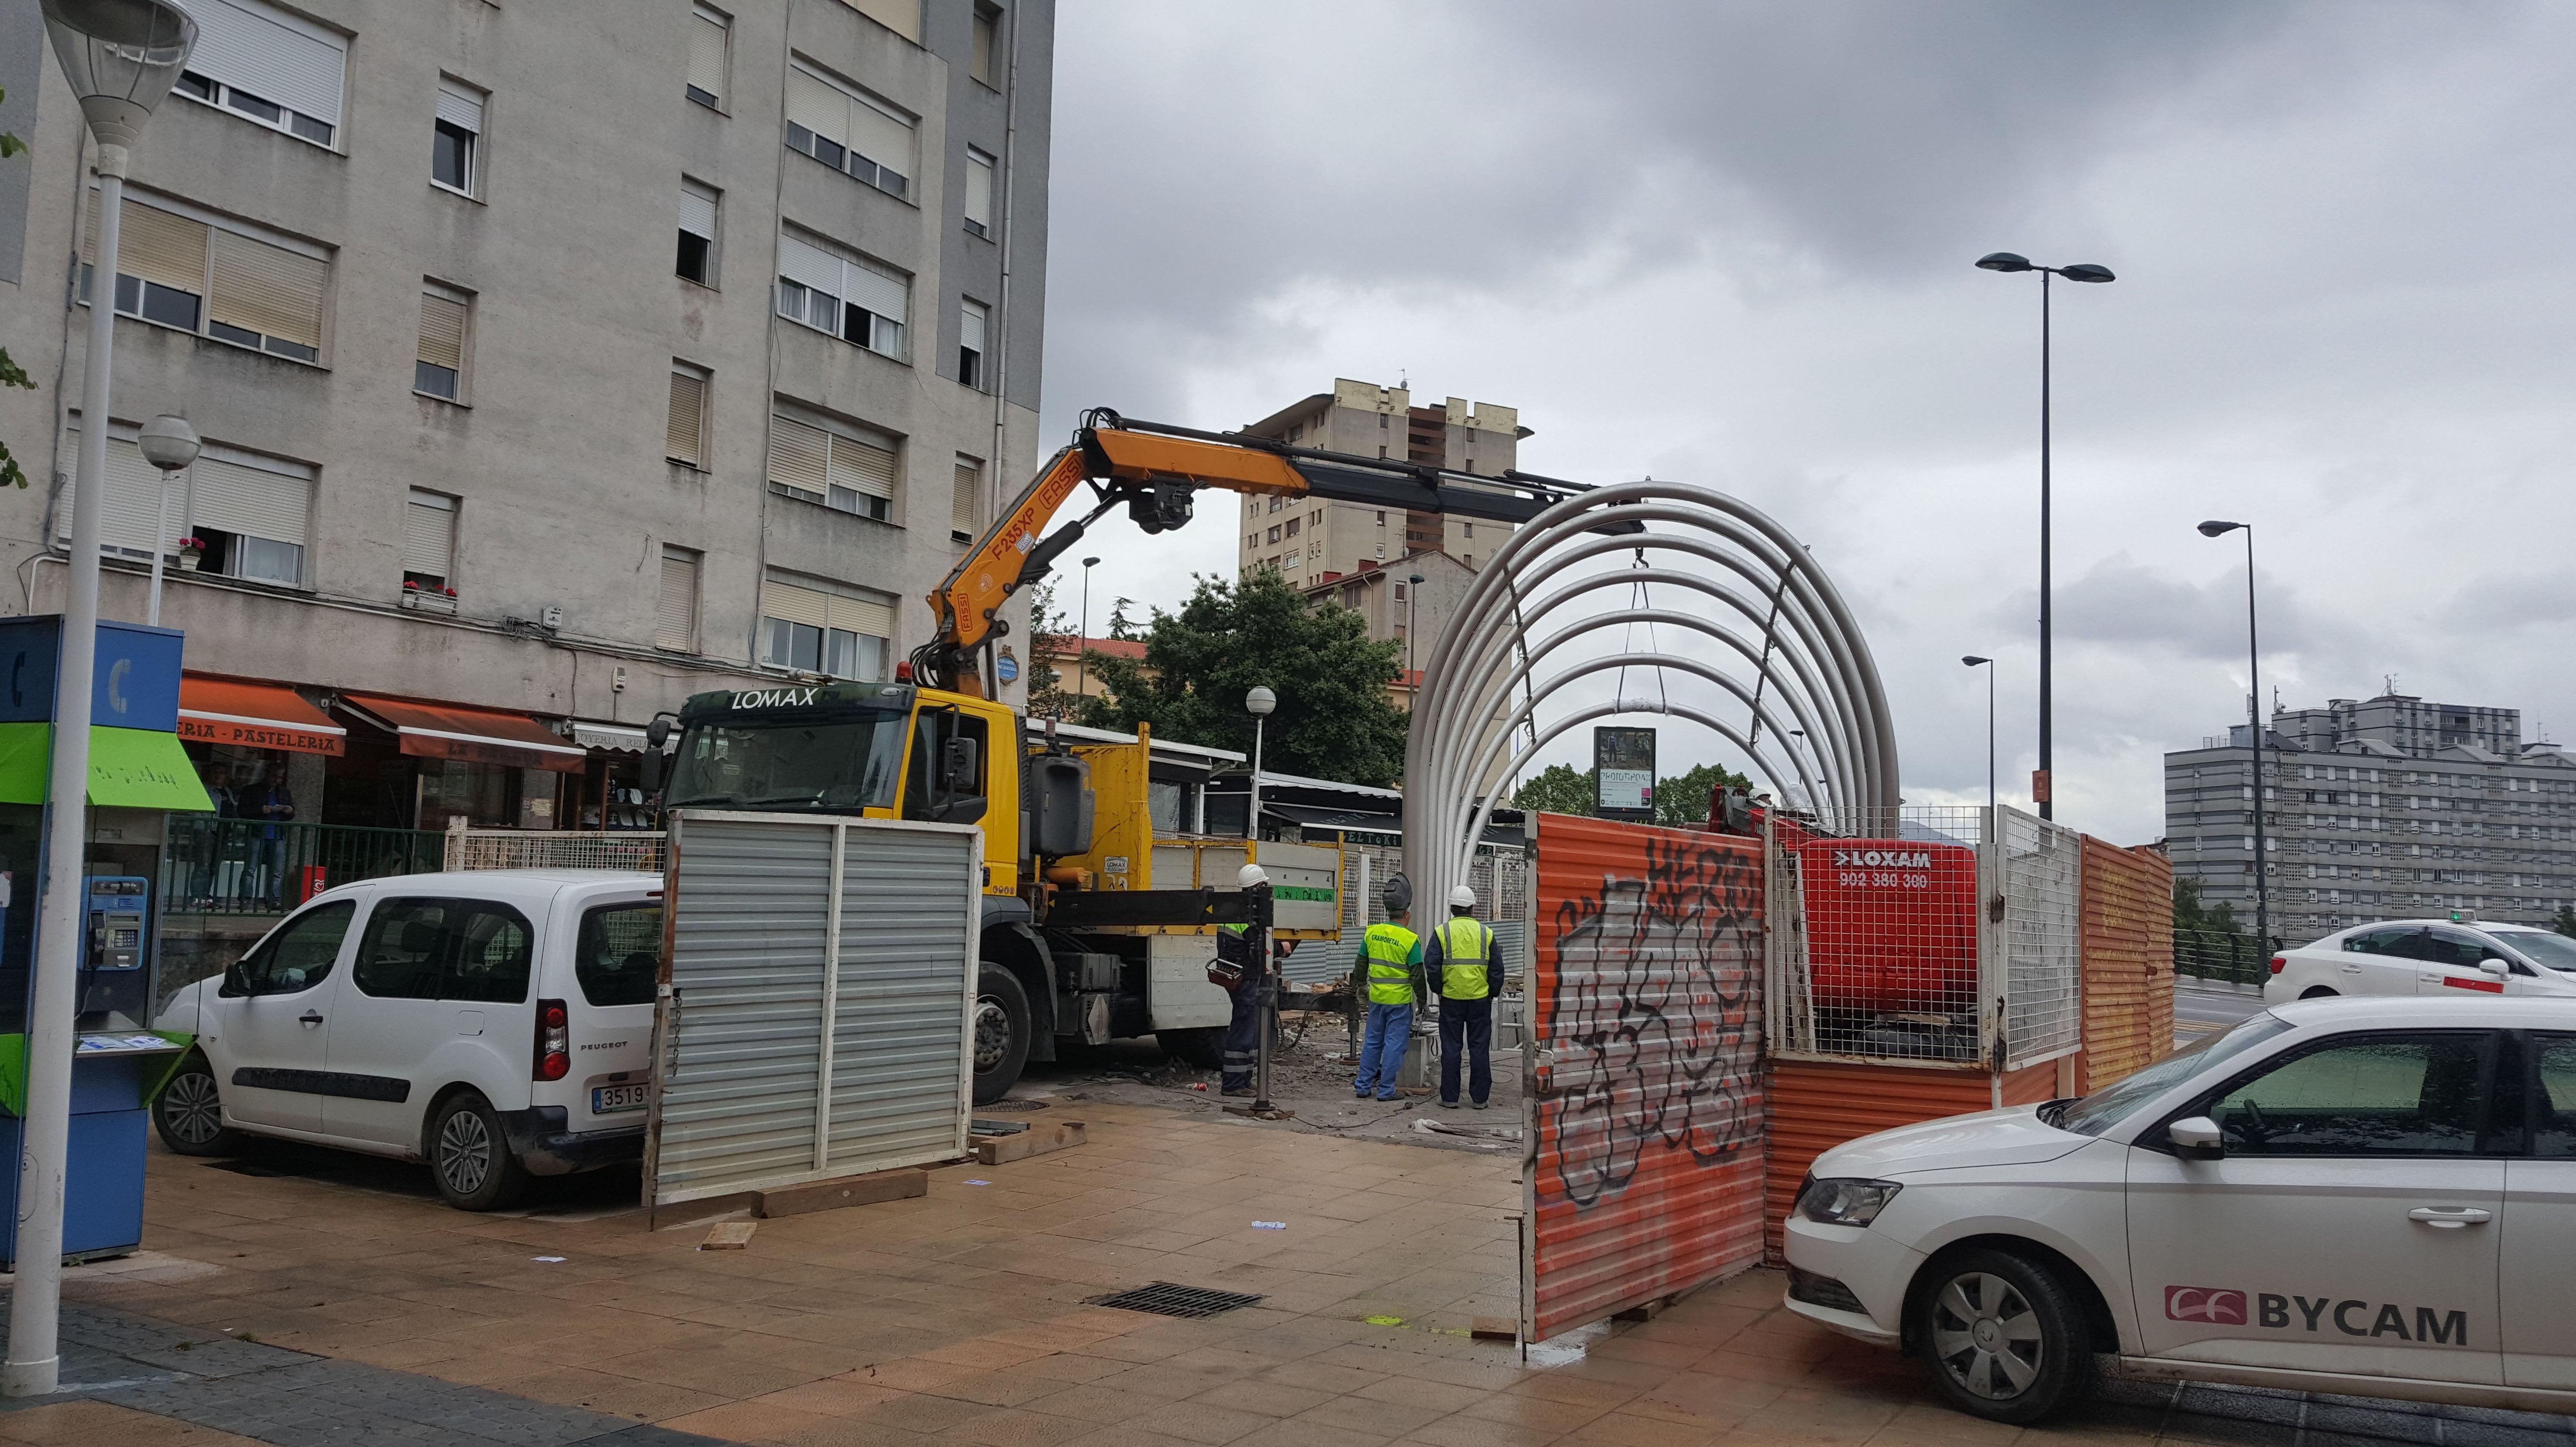 Trabajos con camion grua en Bilbao estacion de metro de Otxarkoaga linea 3